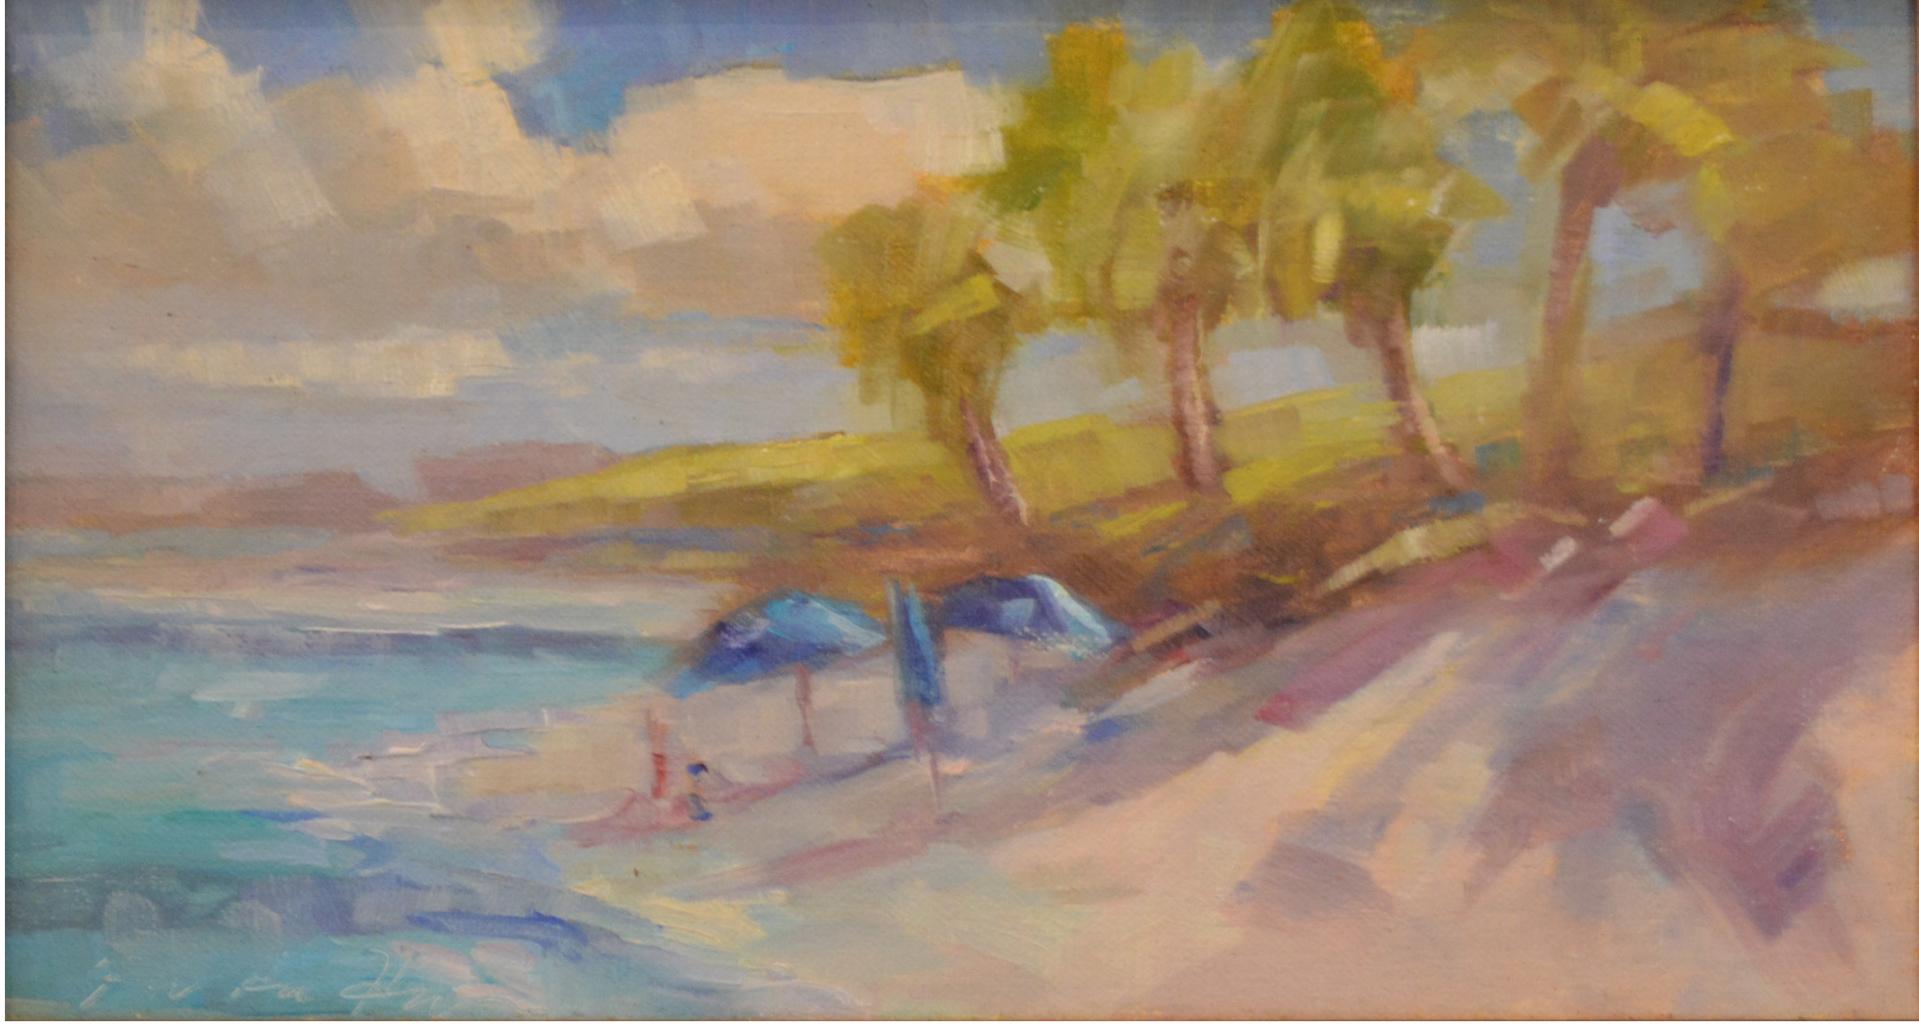 Hope Town Beach  by Karen Hewitt Hagan